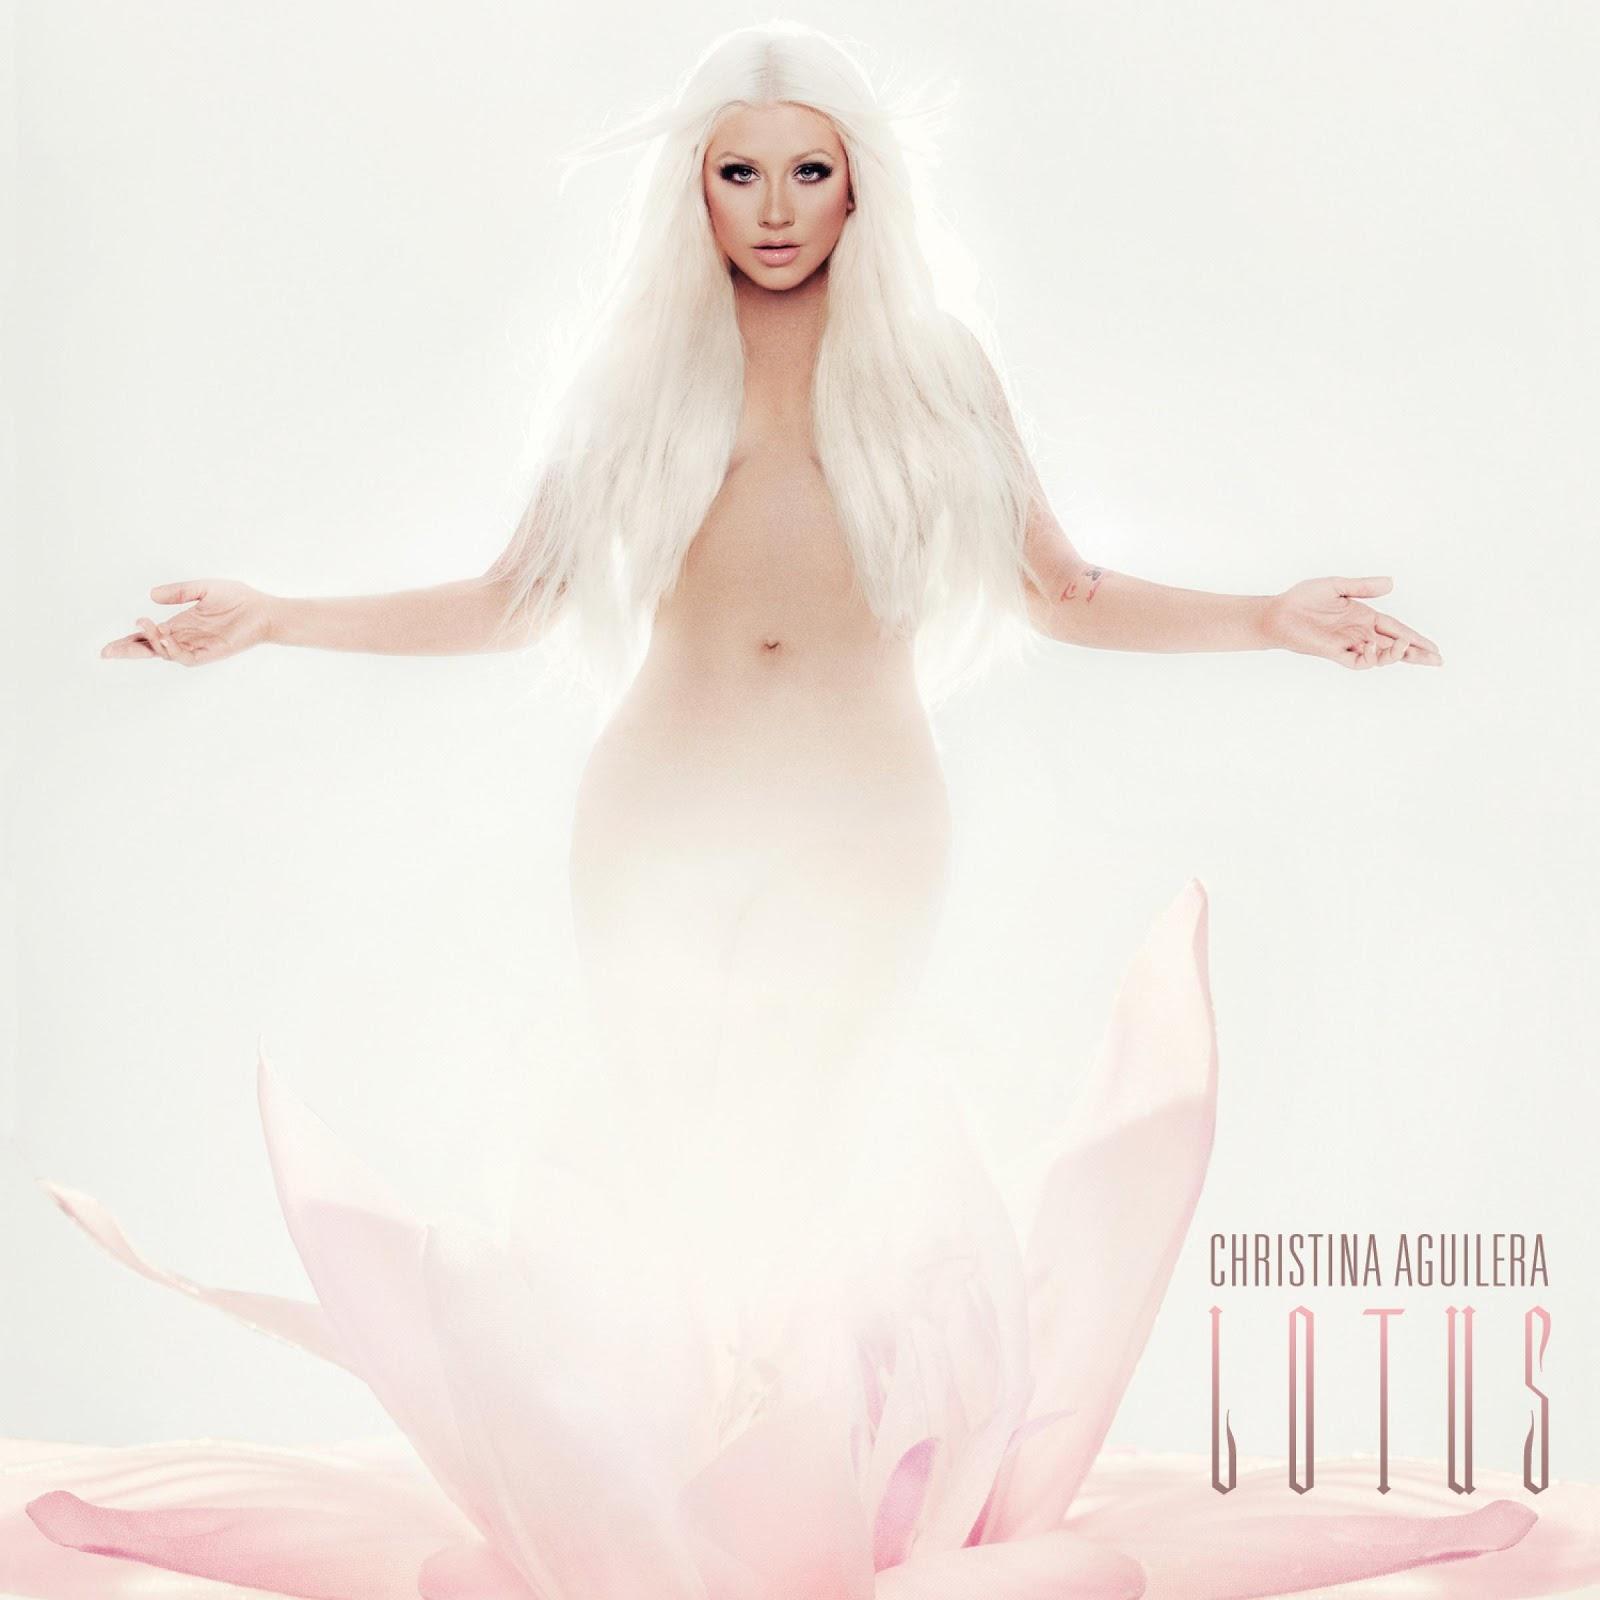 http://4.bp.blogspot.com/--YMqPziwJBg/UNt5qMVOWnI/AAAAAAAAFsg/5j81Xdt4BKw/s1600/Christina+Aguilera+Lotus.jpg